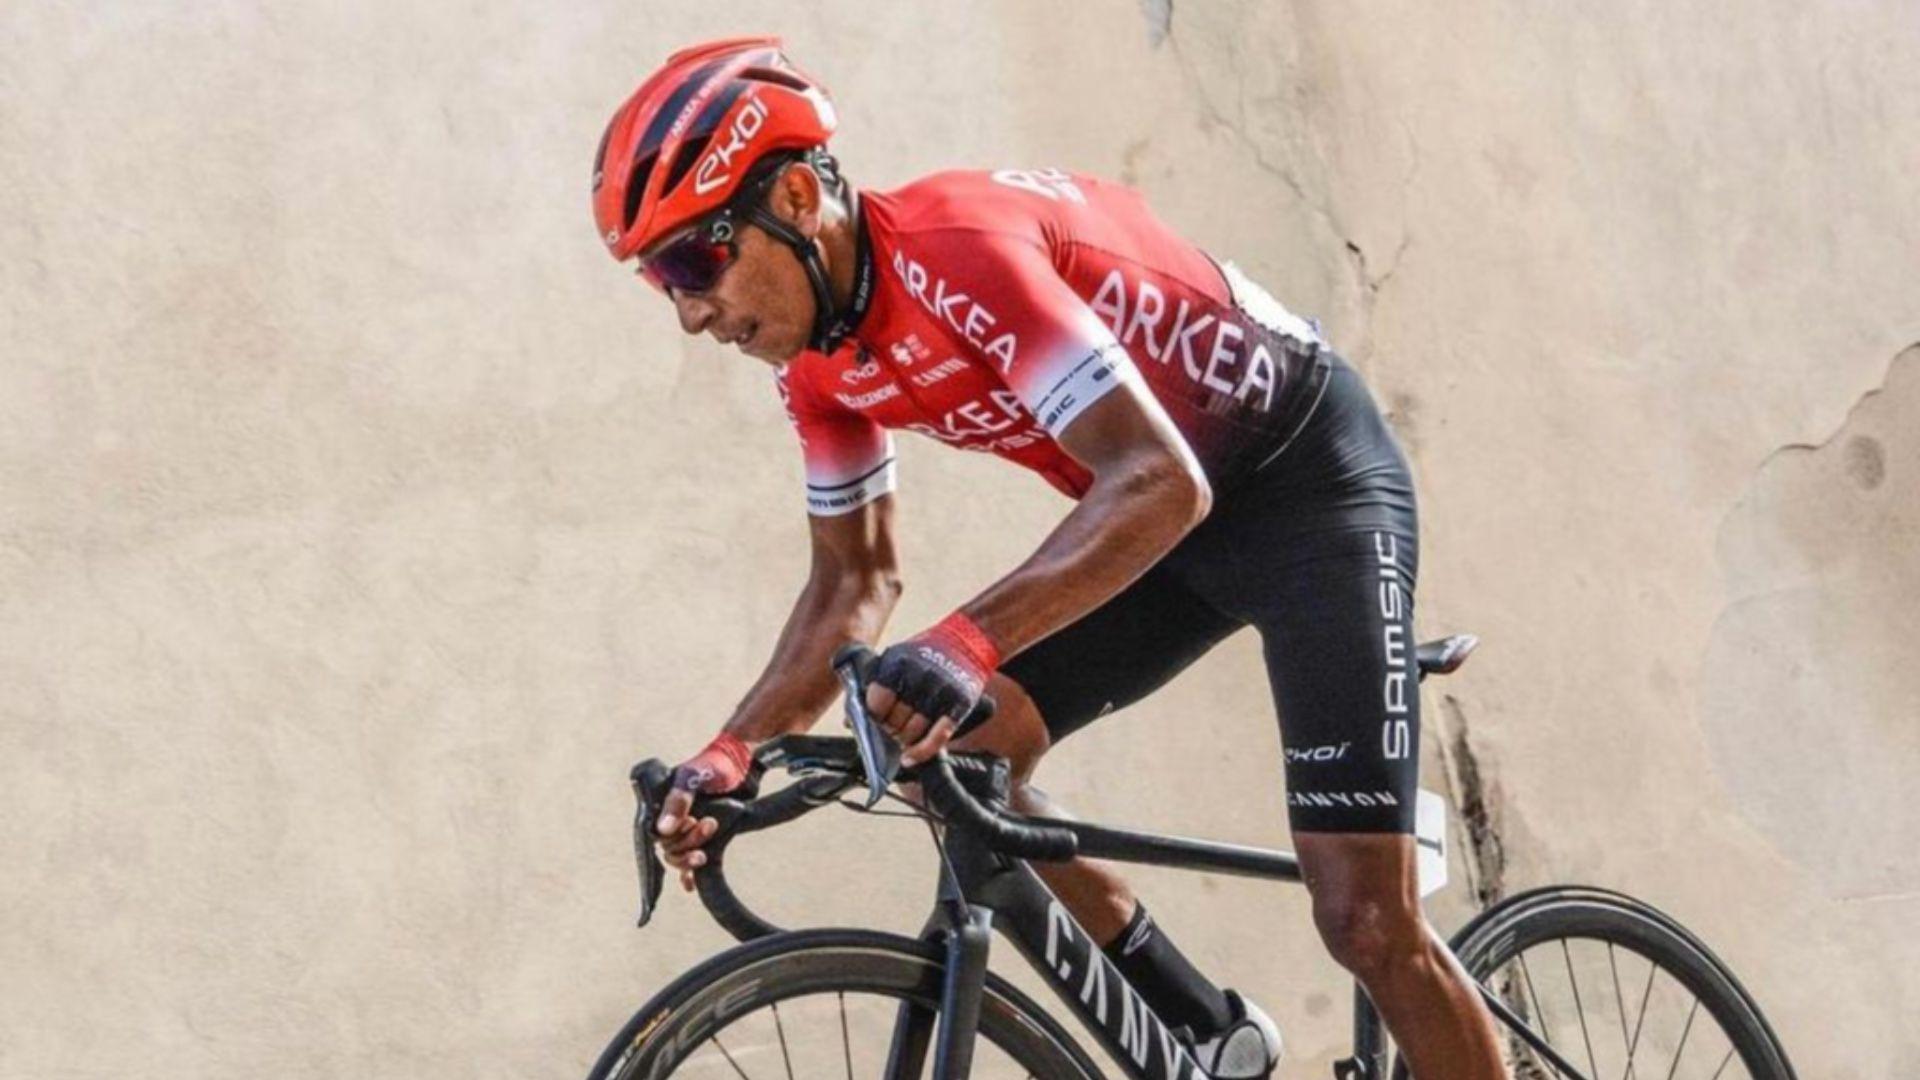 Su equipo Arkéa-Samsic hizo público un video en el que se ve la experiencia de Nairo en su primera carrera del año. Vía: Arkéa Samsic